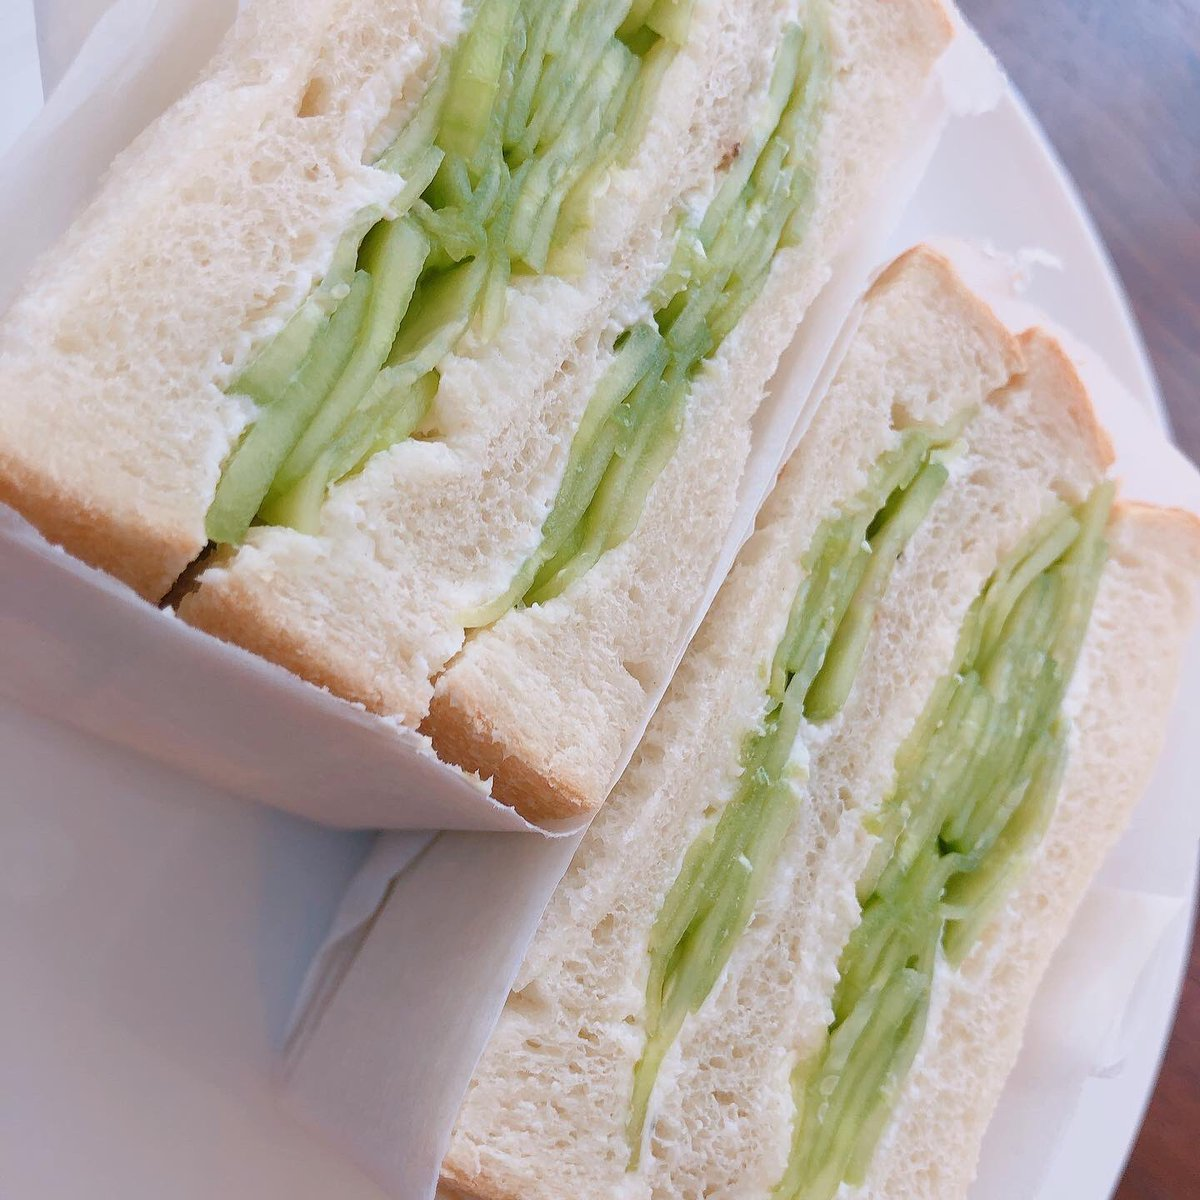 test ツイッターメディア - 本日のショーケース商品です。 🍞サンドイッチ  ・たまご 🍞少しだけ高級食パン 🍰マフィン  ・オレオ&マシュマロ  ・キャラメル&アーモンド  ・ハム&ブロッコリー  人気の『少しだけ高級食パン』は品揃えしております🍞  また本日から日曜日まで11:00オープン、22:00クローズ(21:00L.O.)の営業です https://t.co/3lba0nmrv6